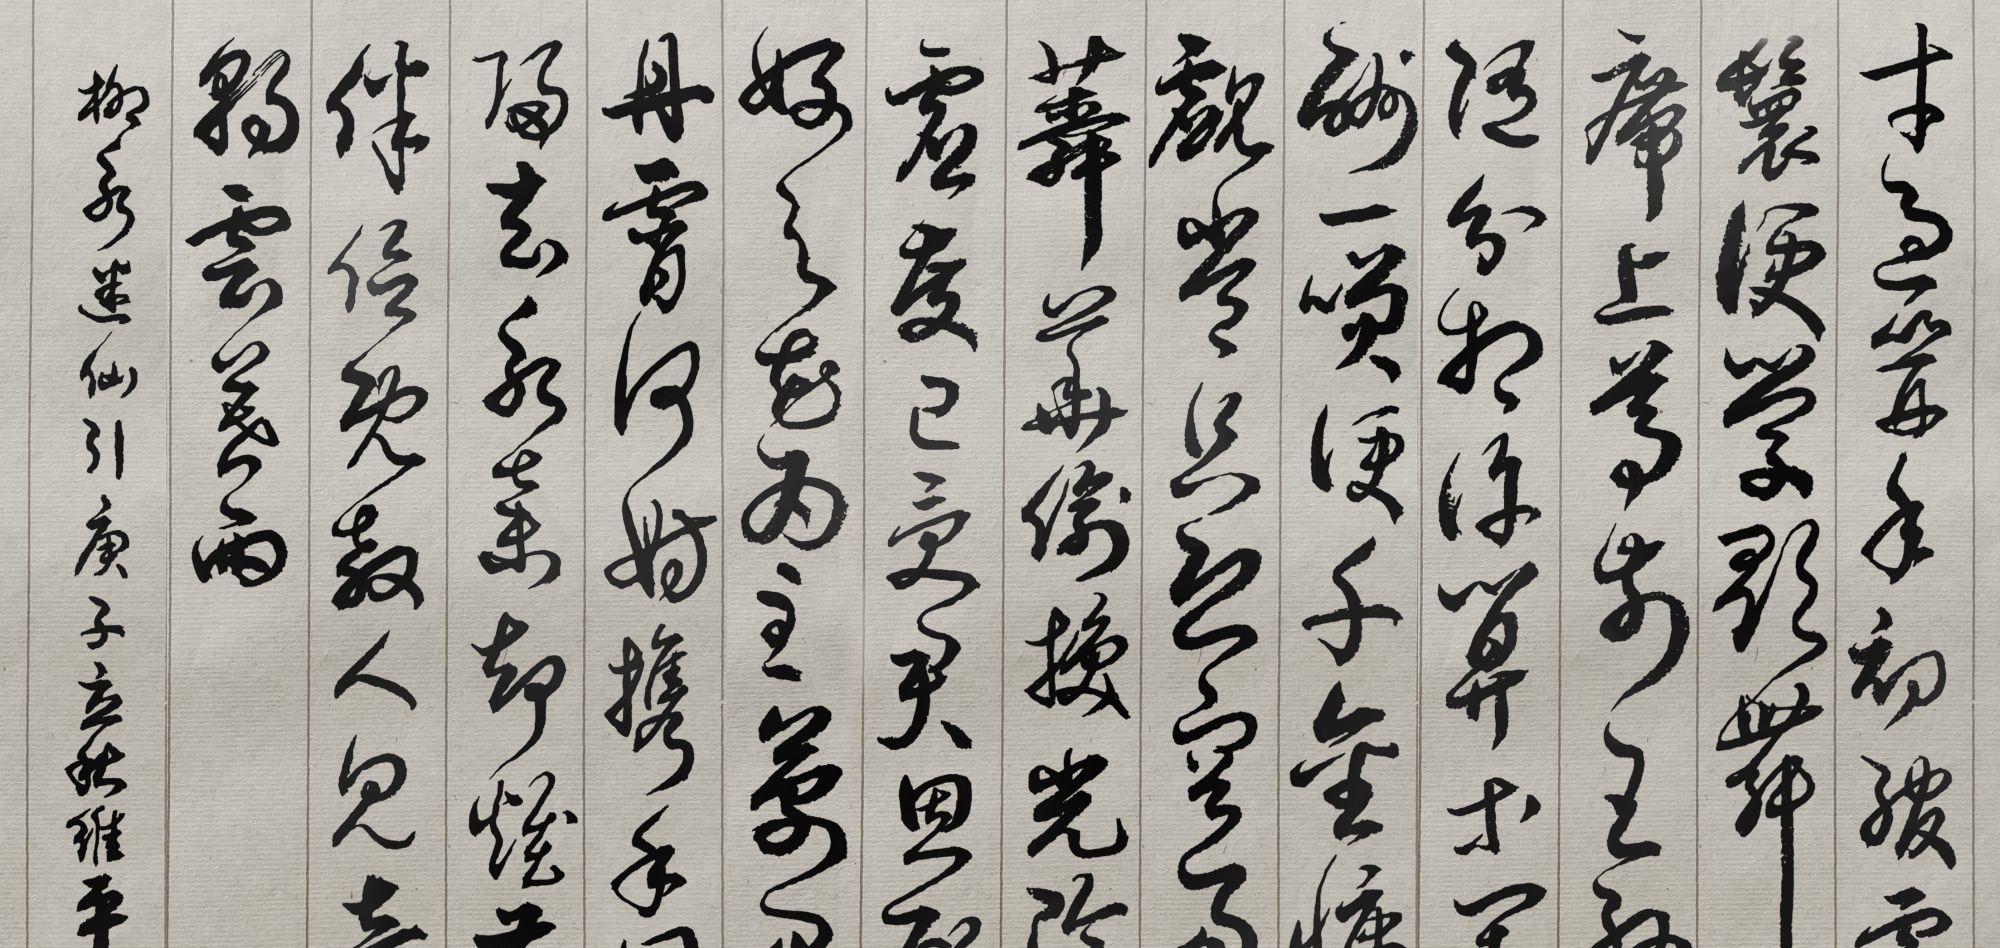 当代书法名家胡维平草书 柳永《迷仙引》